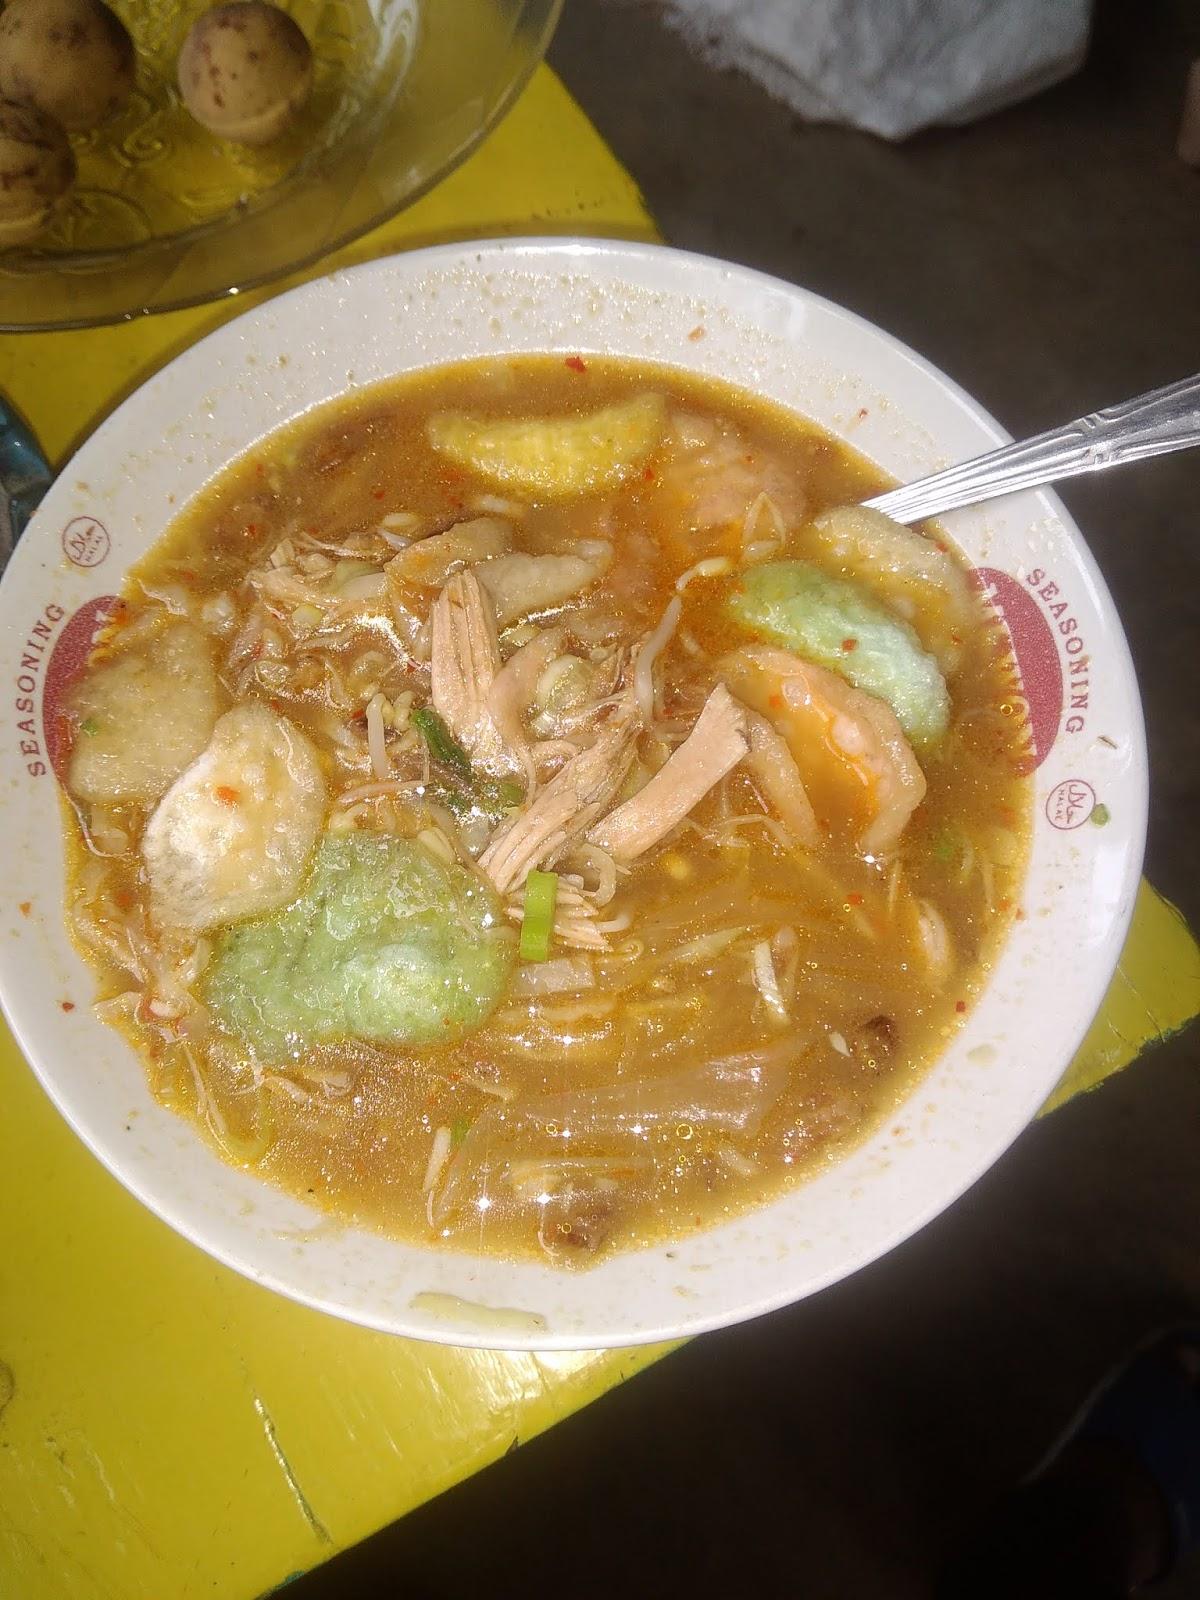 Resep Kuah Soto : resep, Resep, Kacang, Cilacap